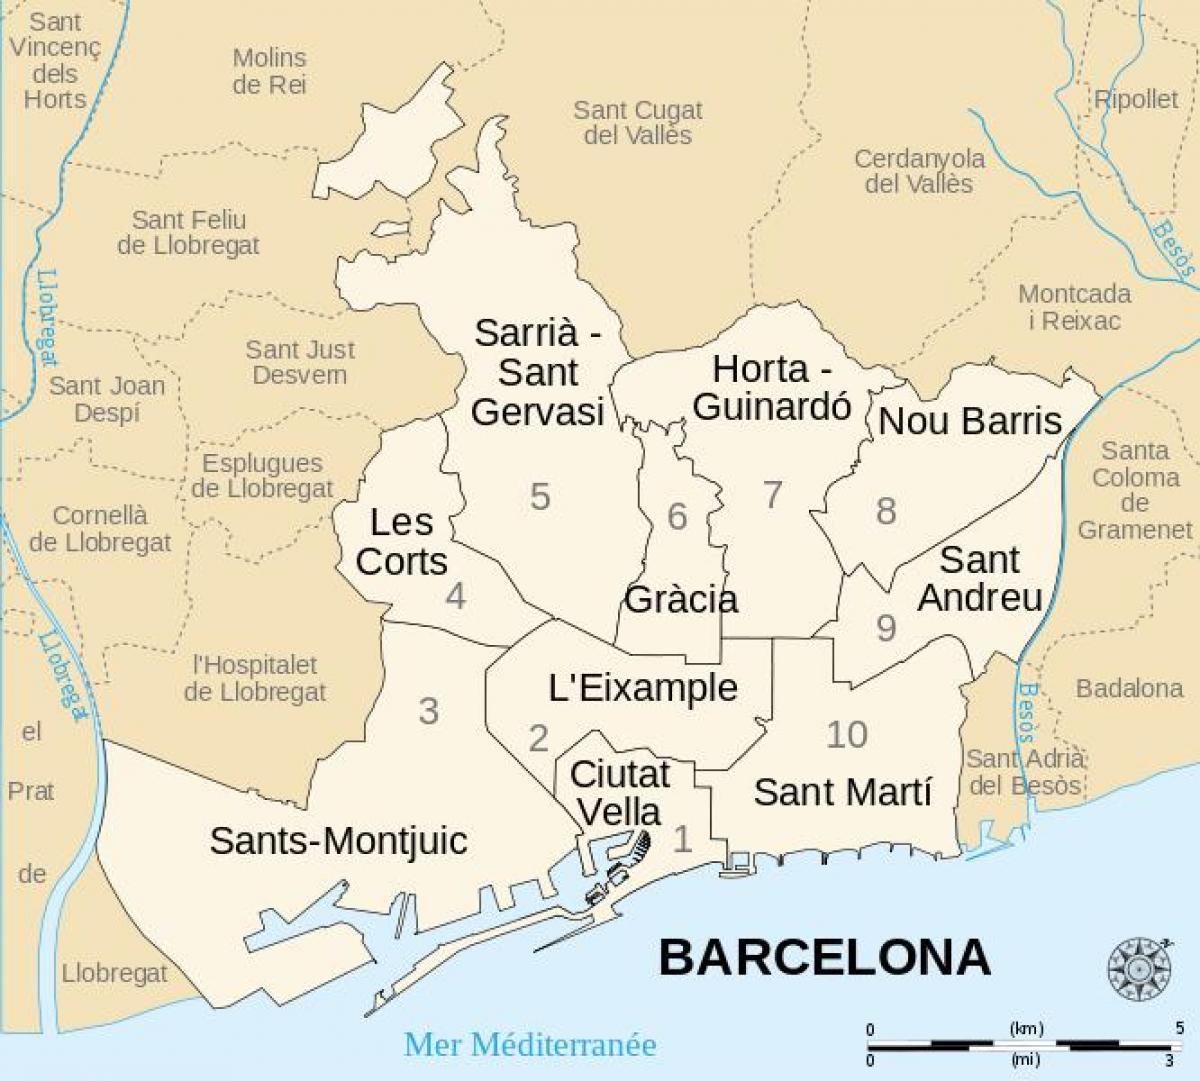 Cartina Quartieri Barcellona.Barcellona Distretti Mappa Cartina Di Barcellona Distretti Spagna Catalogna Spagna